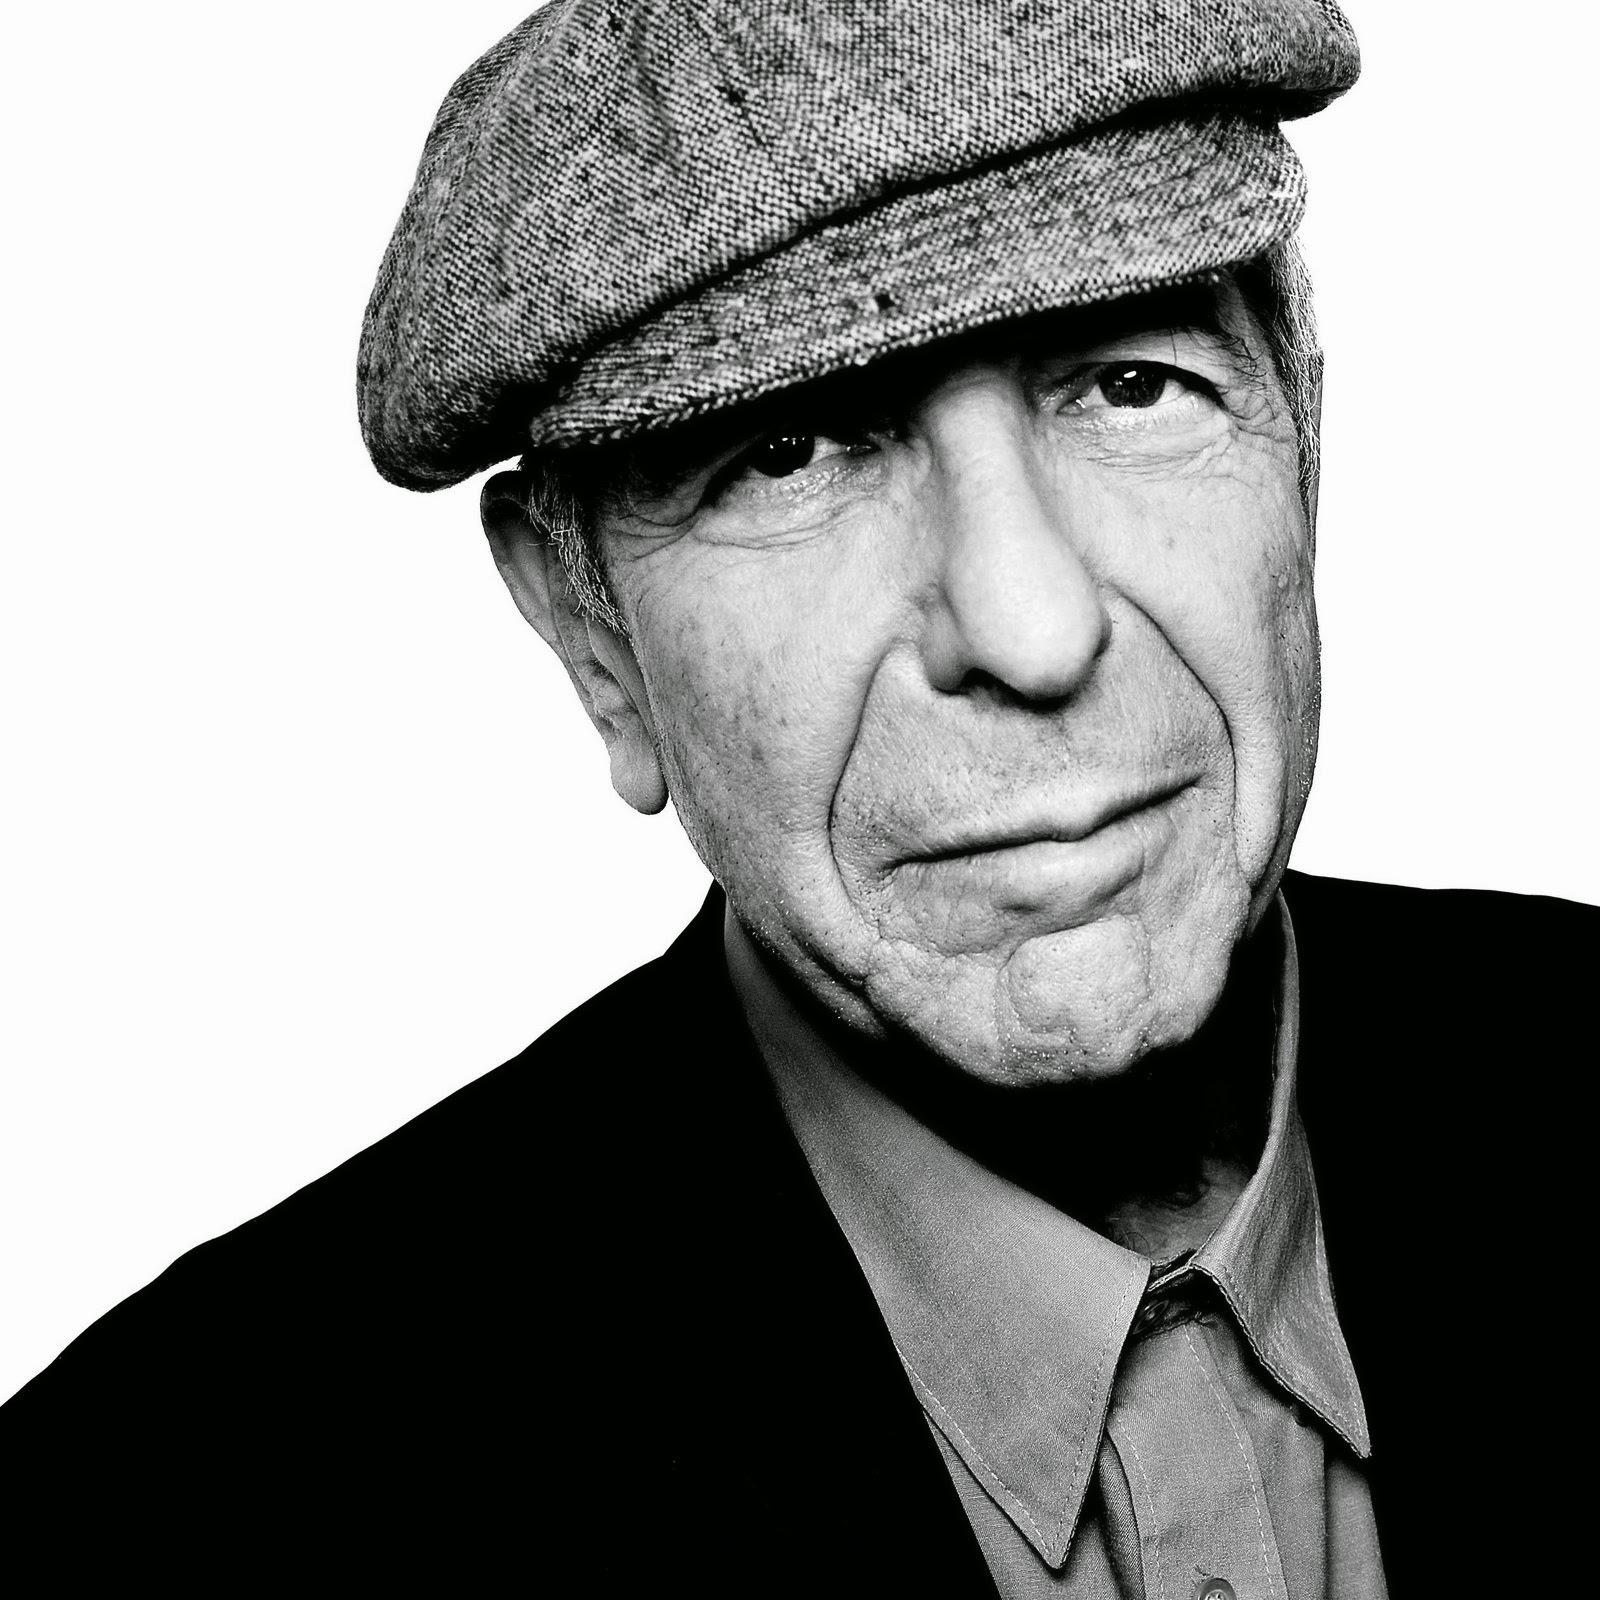 Ο χαρισματικός Leonard Cohen: Η ζωή, η μουσική και το έργο του